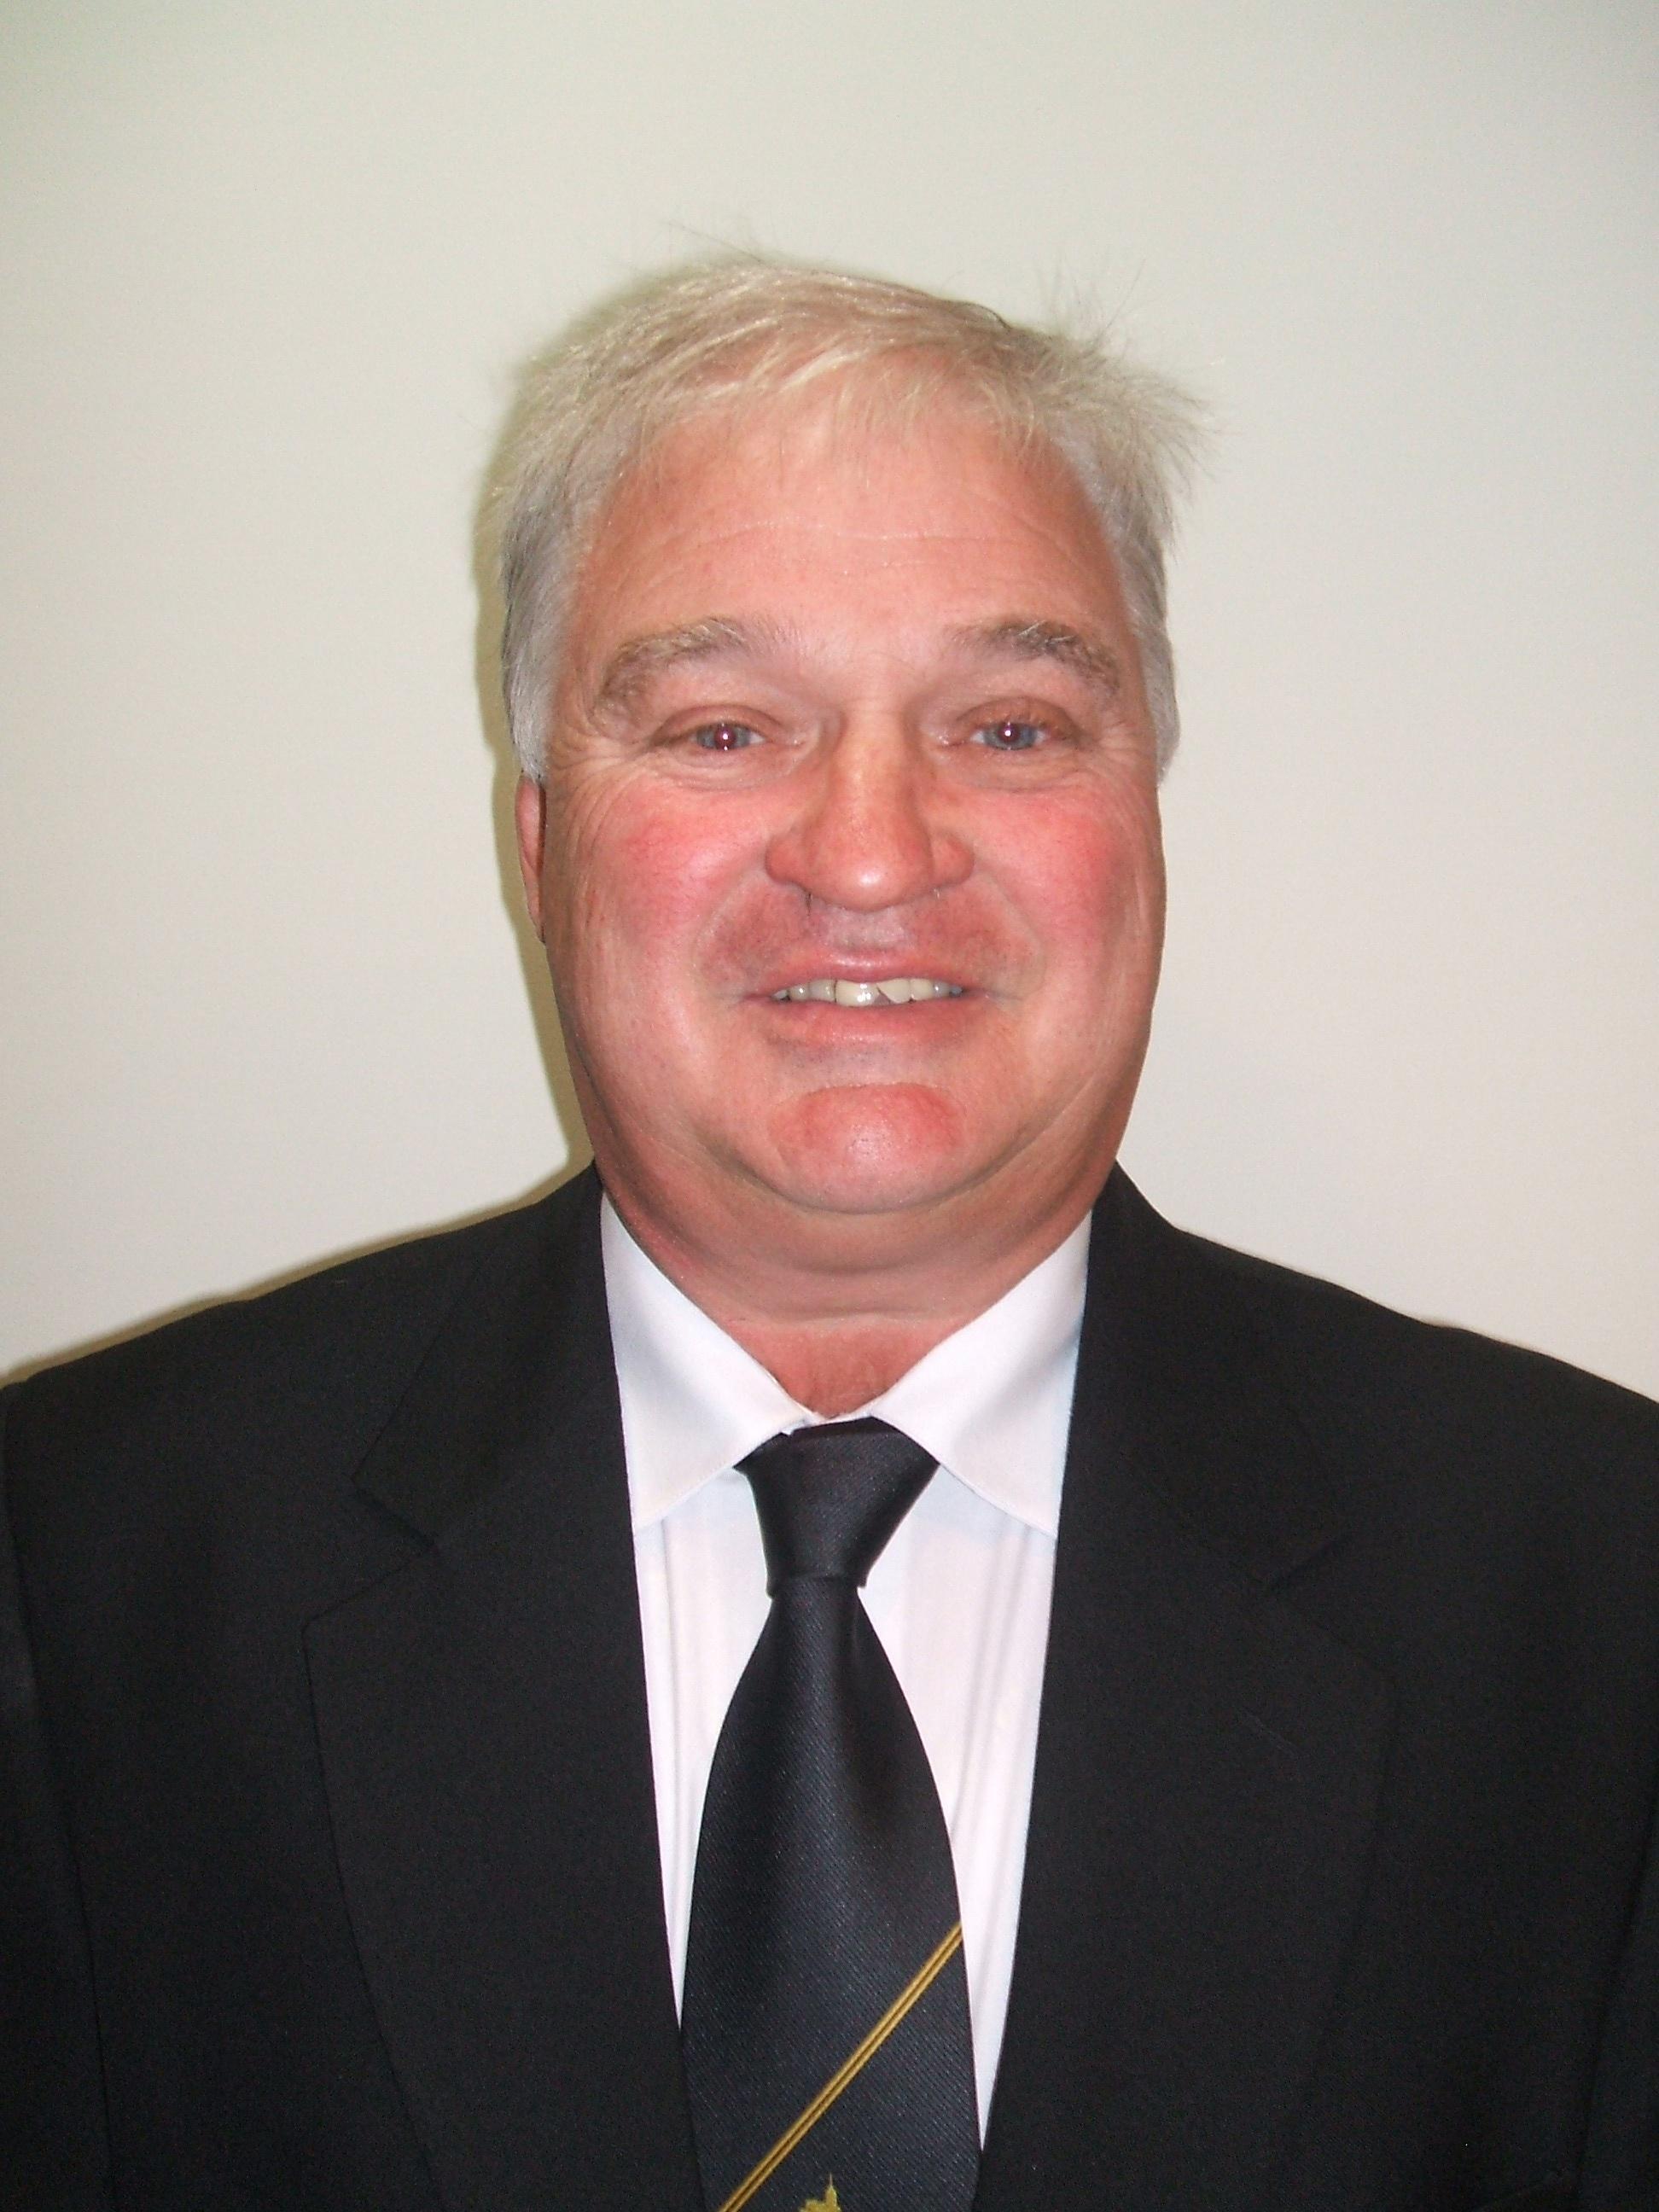 Bob Zelesco